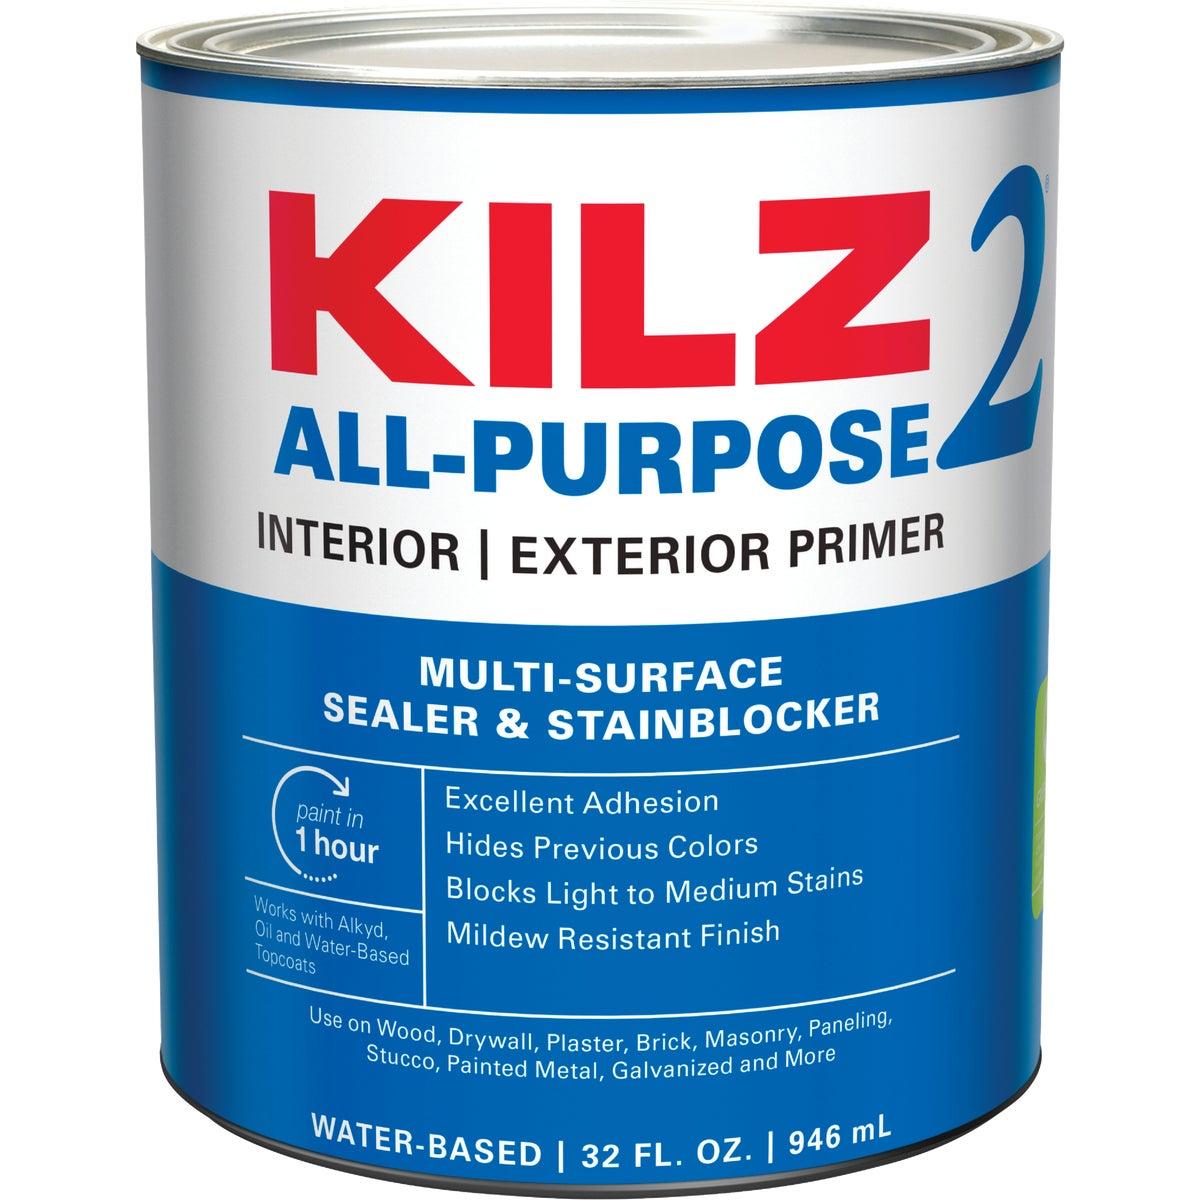 KILZ 2 INT/EX LTX PRIMER - 20002 by Masterchem